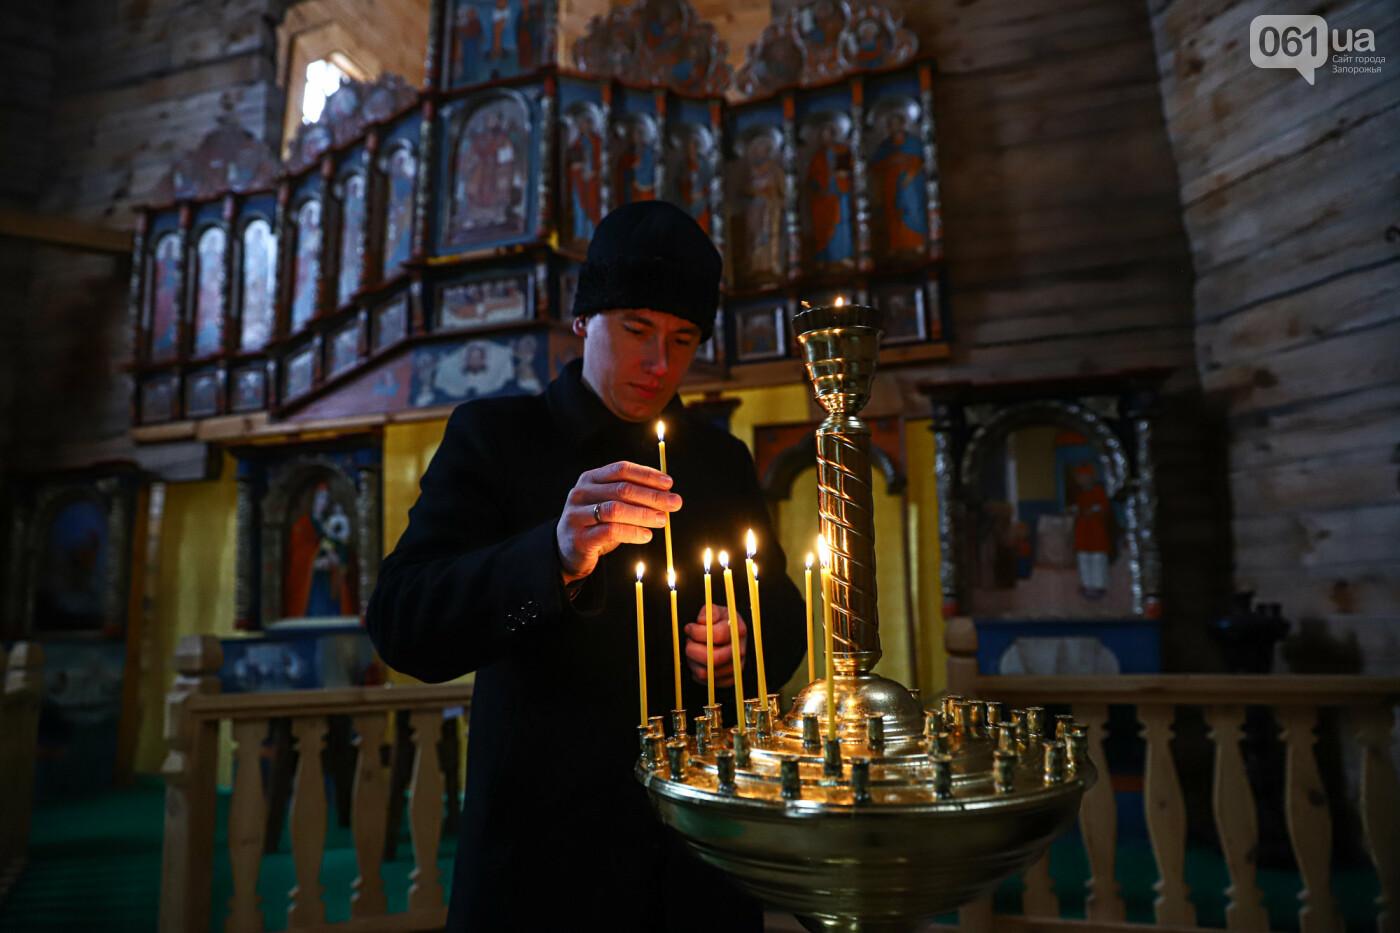 На Хортице скауты передали священникам Вифлеемский огонь, - ФОТОРЕПОРТАЖ, фото-17